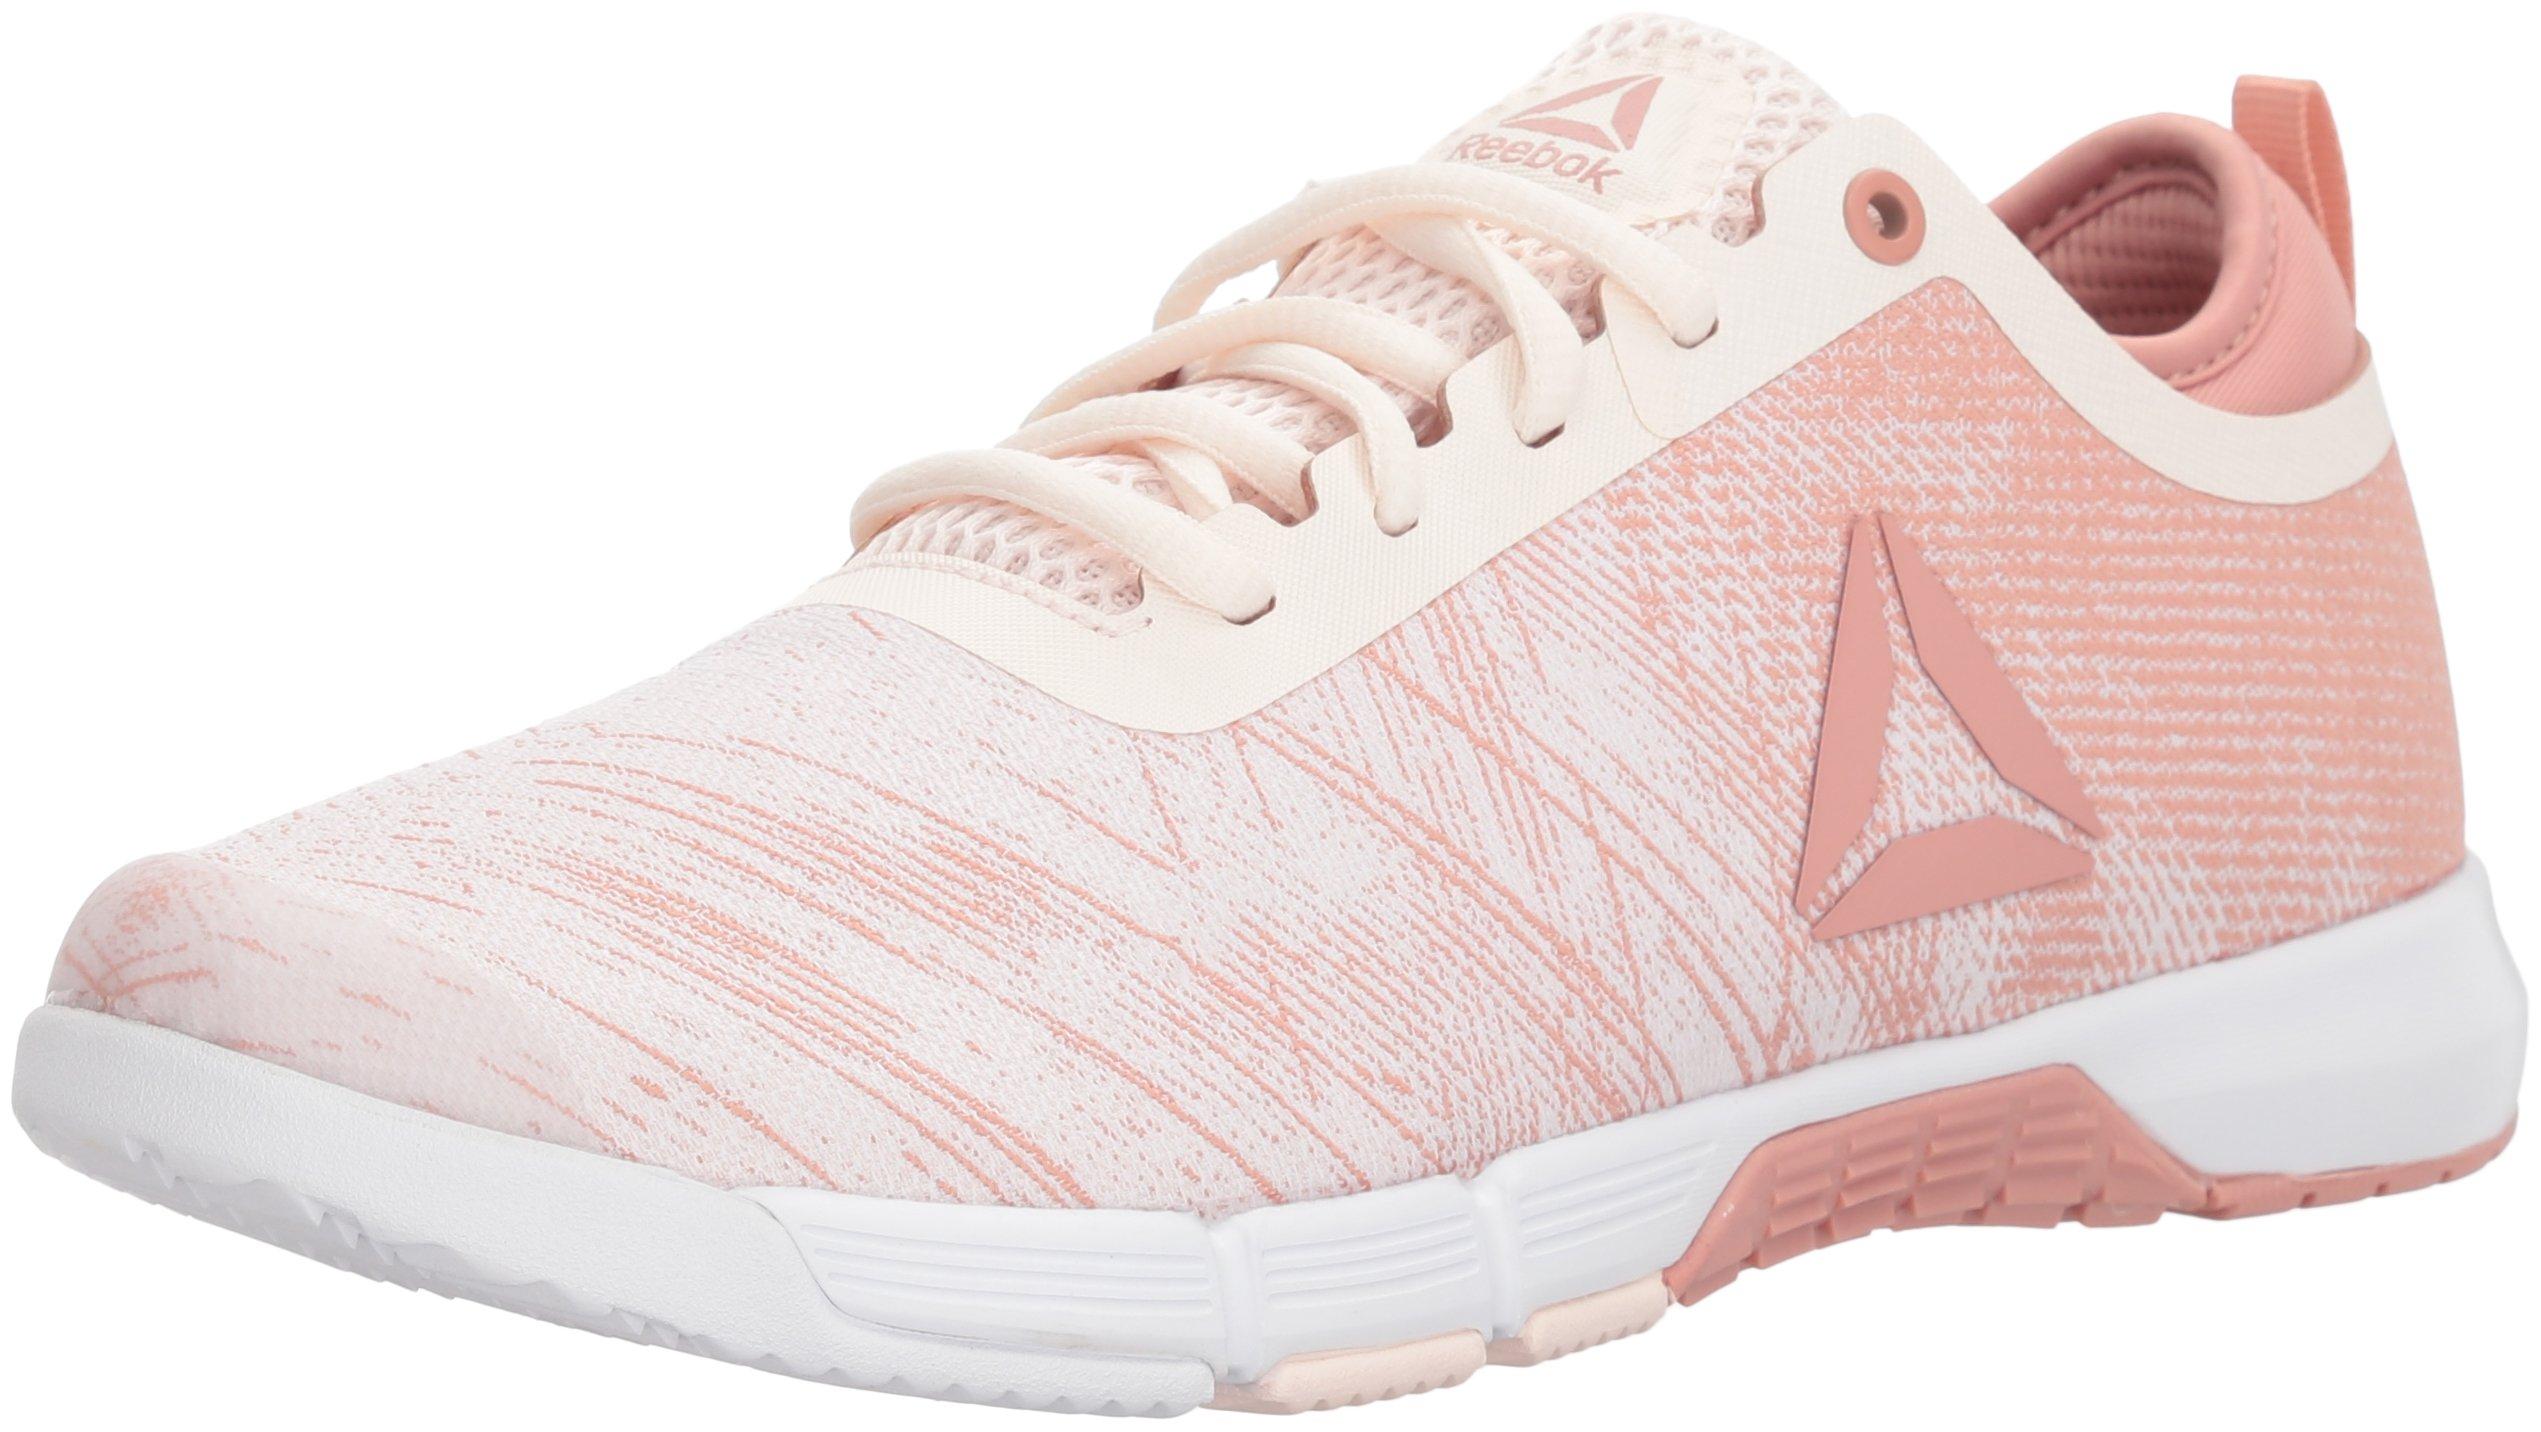 Reebok Women's Speed Her TR Sneaker, Pale Chalk Pink/White/Silver, 10 M US